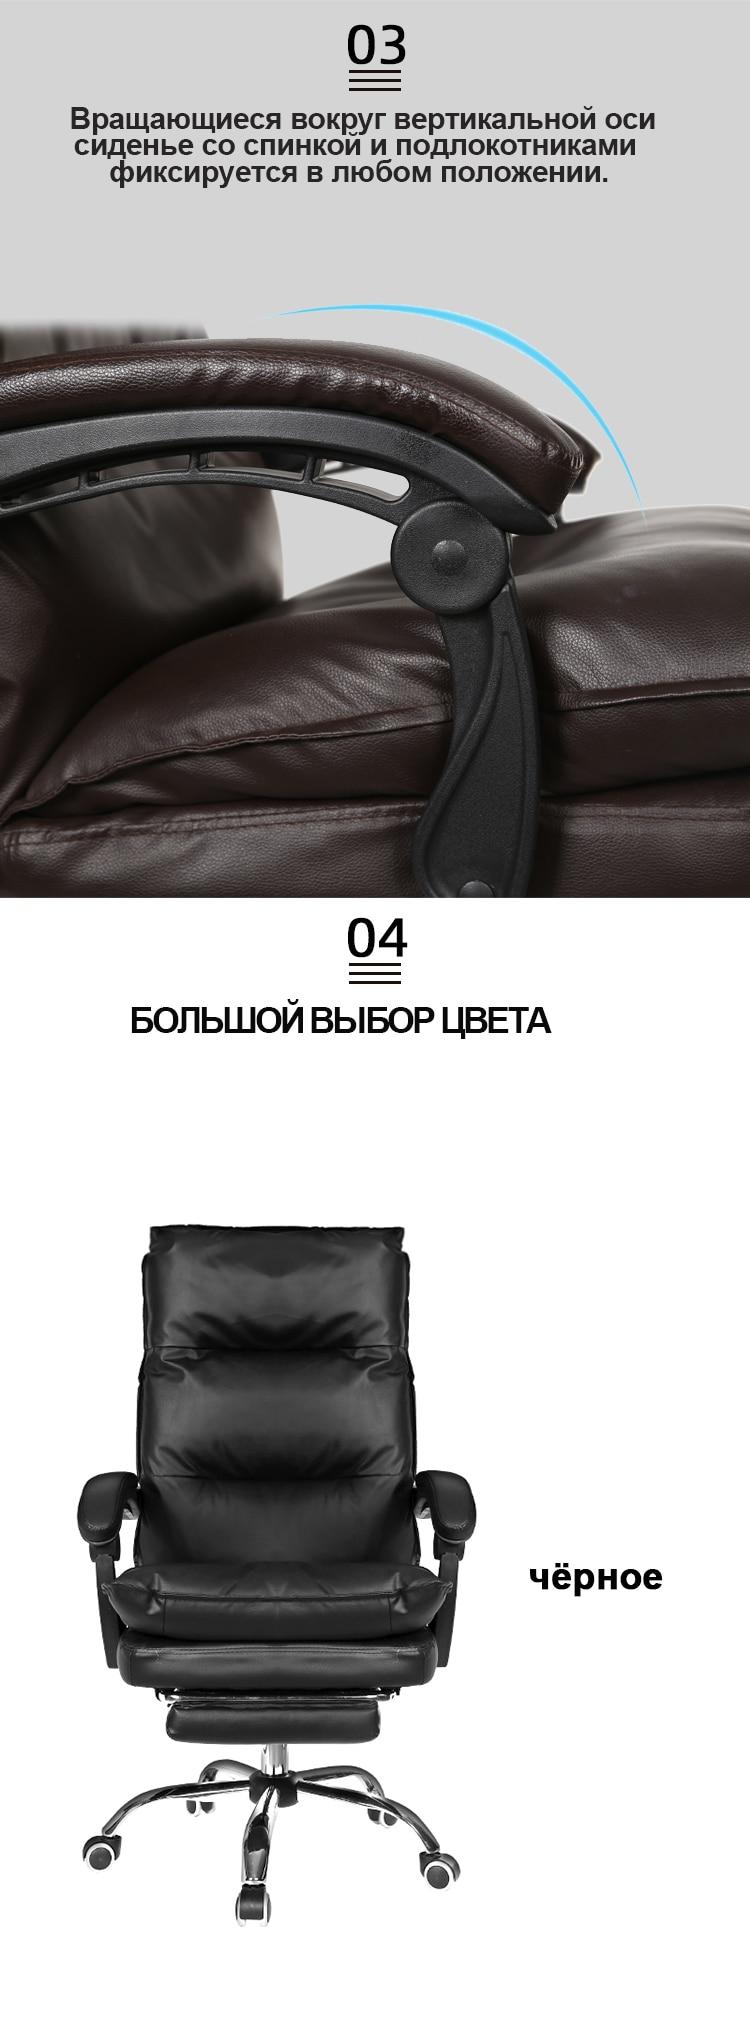 帝藏--俄文_05 (2)